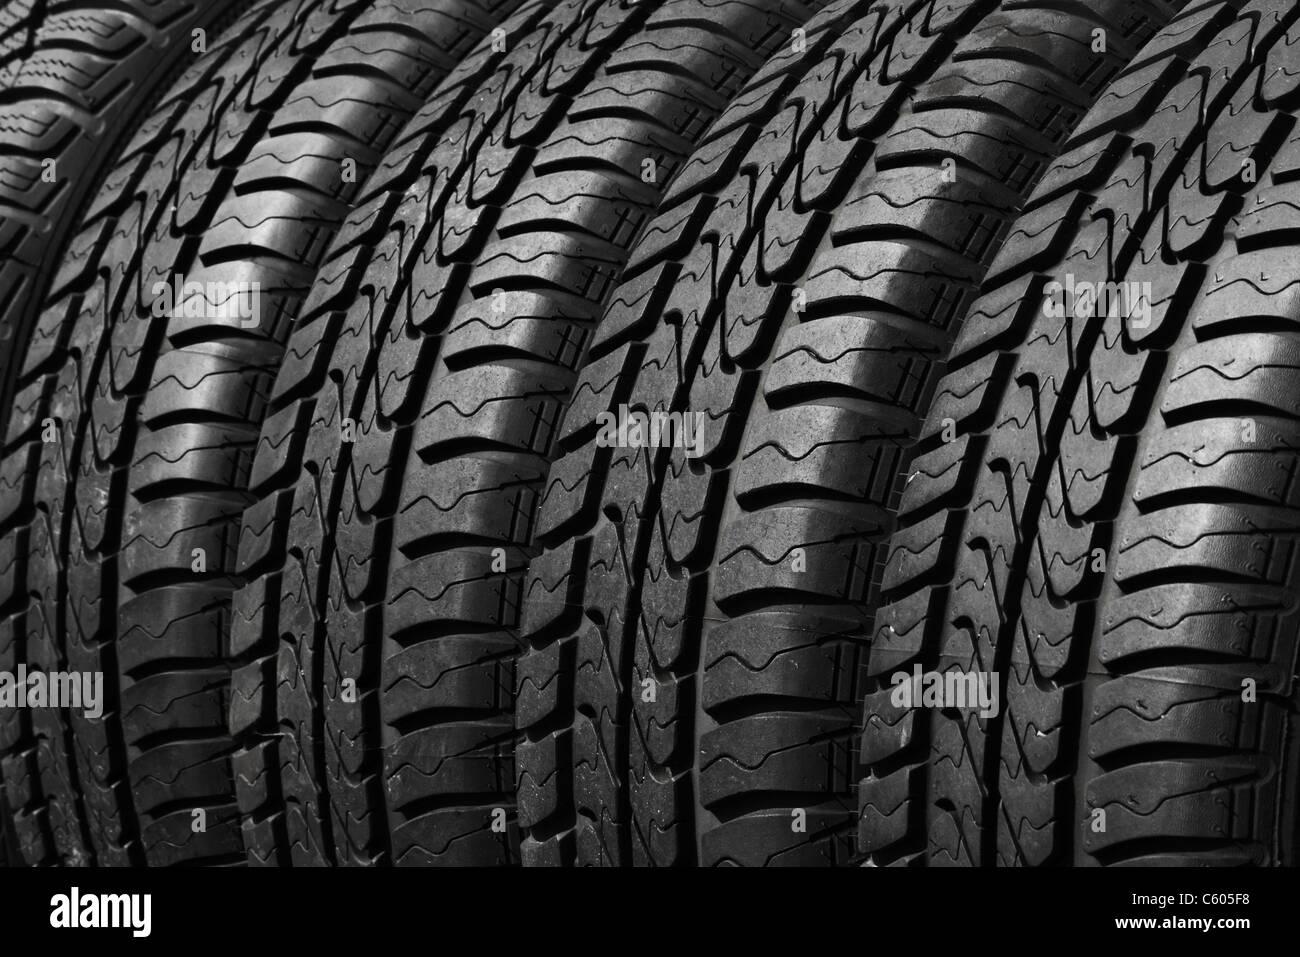 Vista ravvicinata di pneumatici per auto Immagini Stock